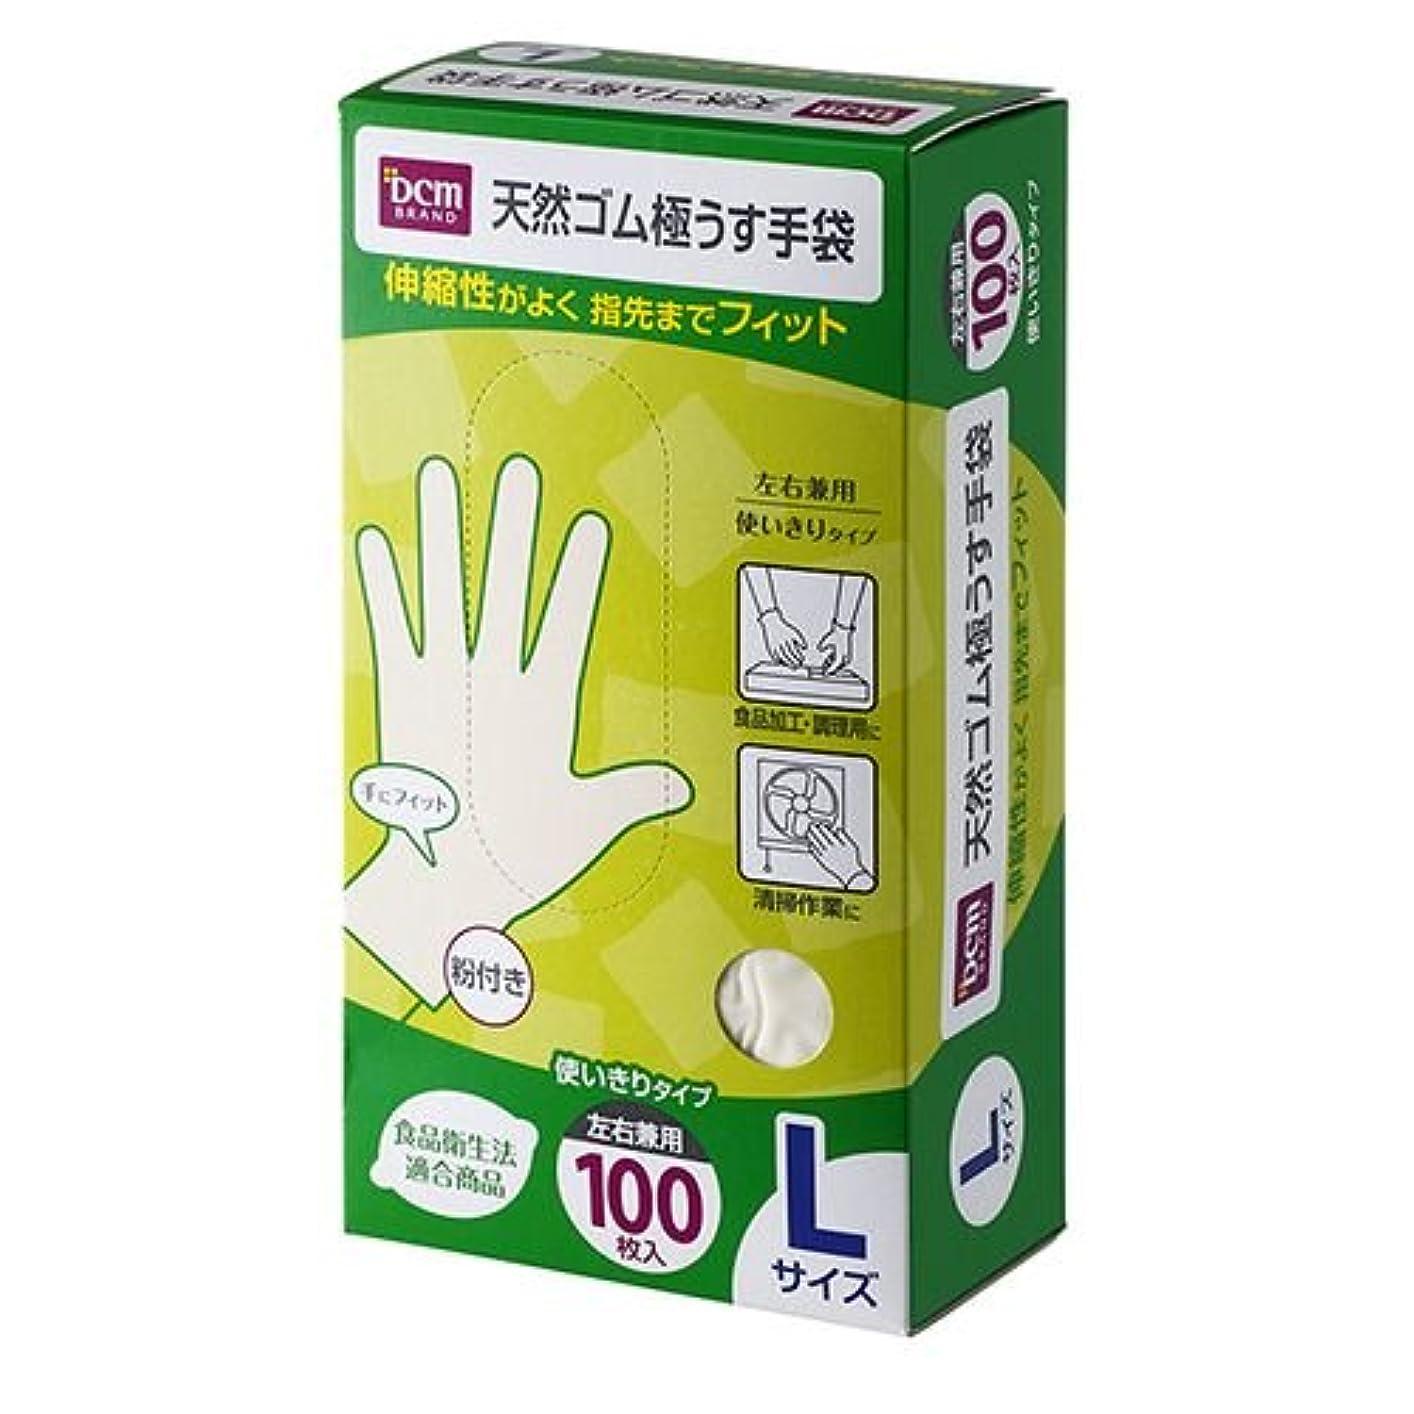 ダーツベイビー徐々に天然ゴム 極うす 手袋 HI06T81 L 100枚入 L